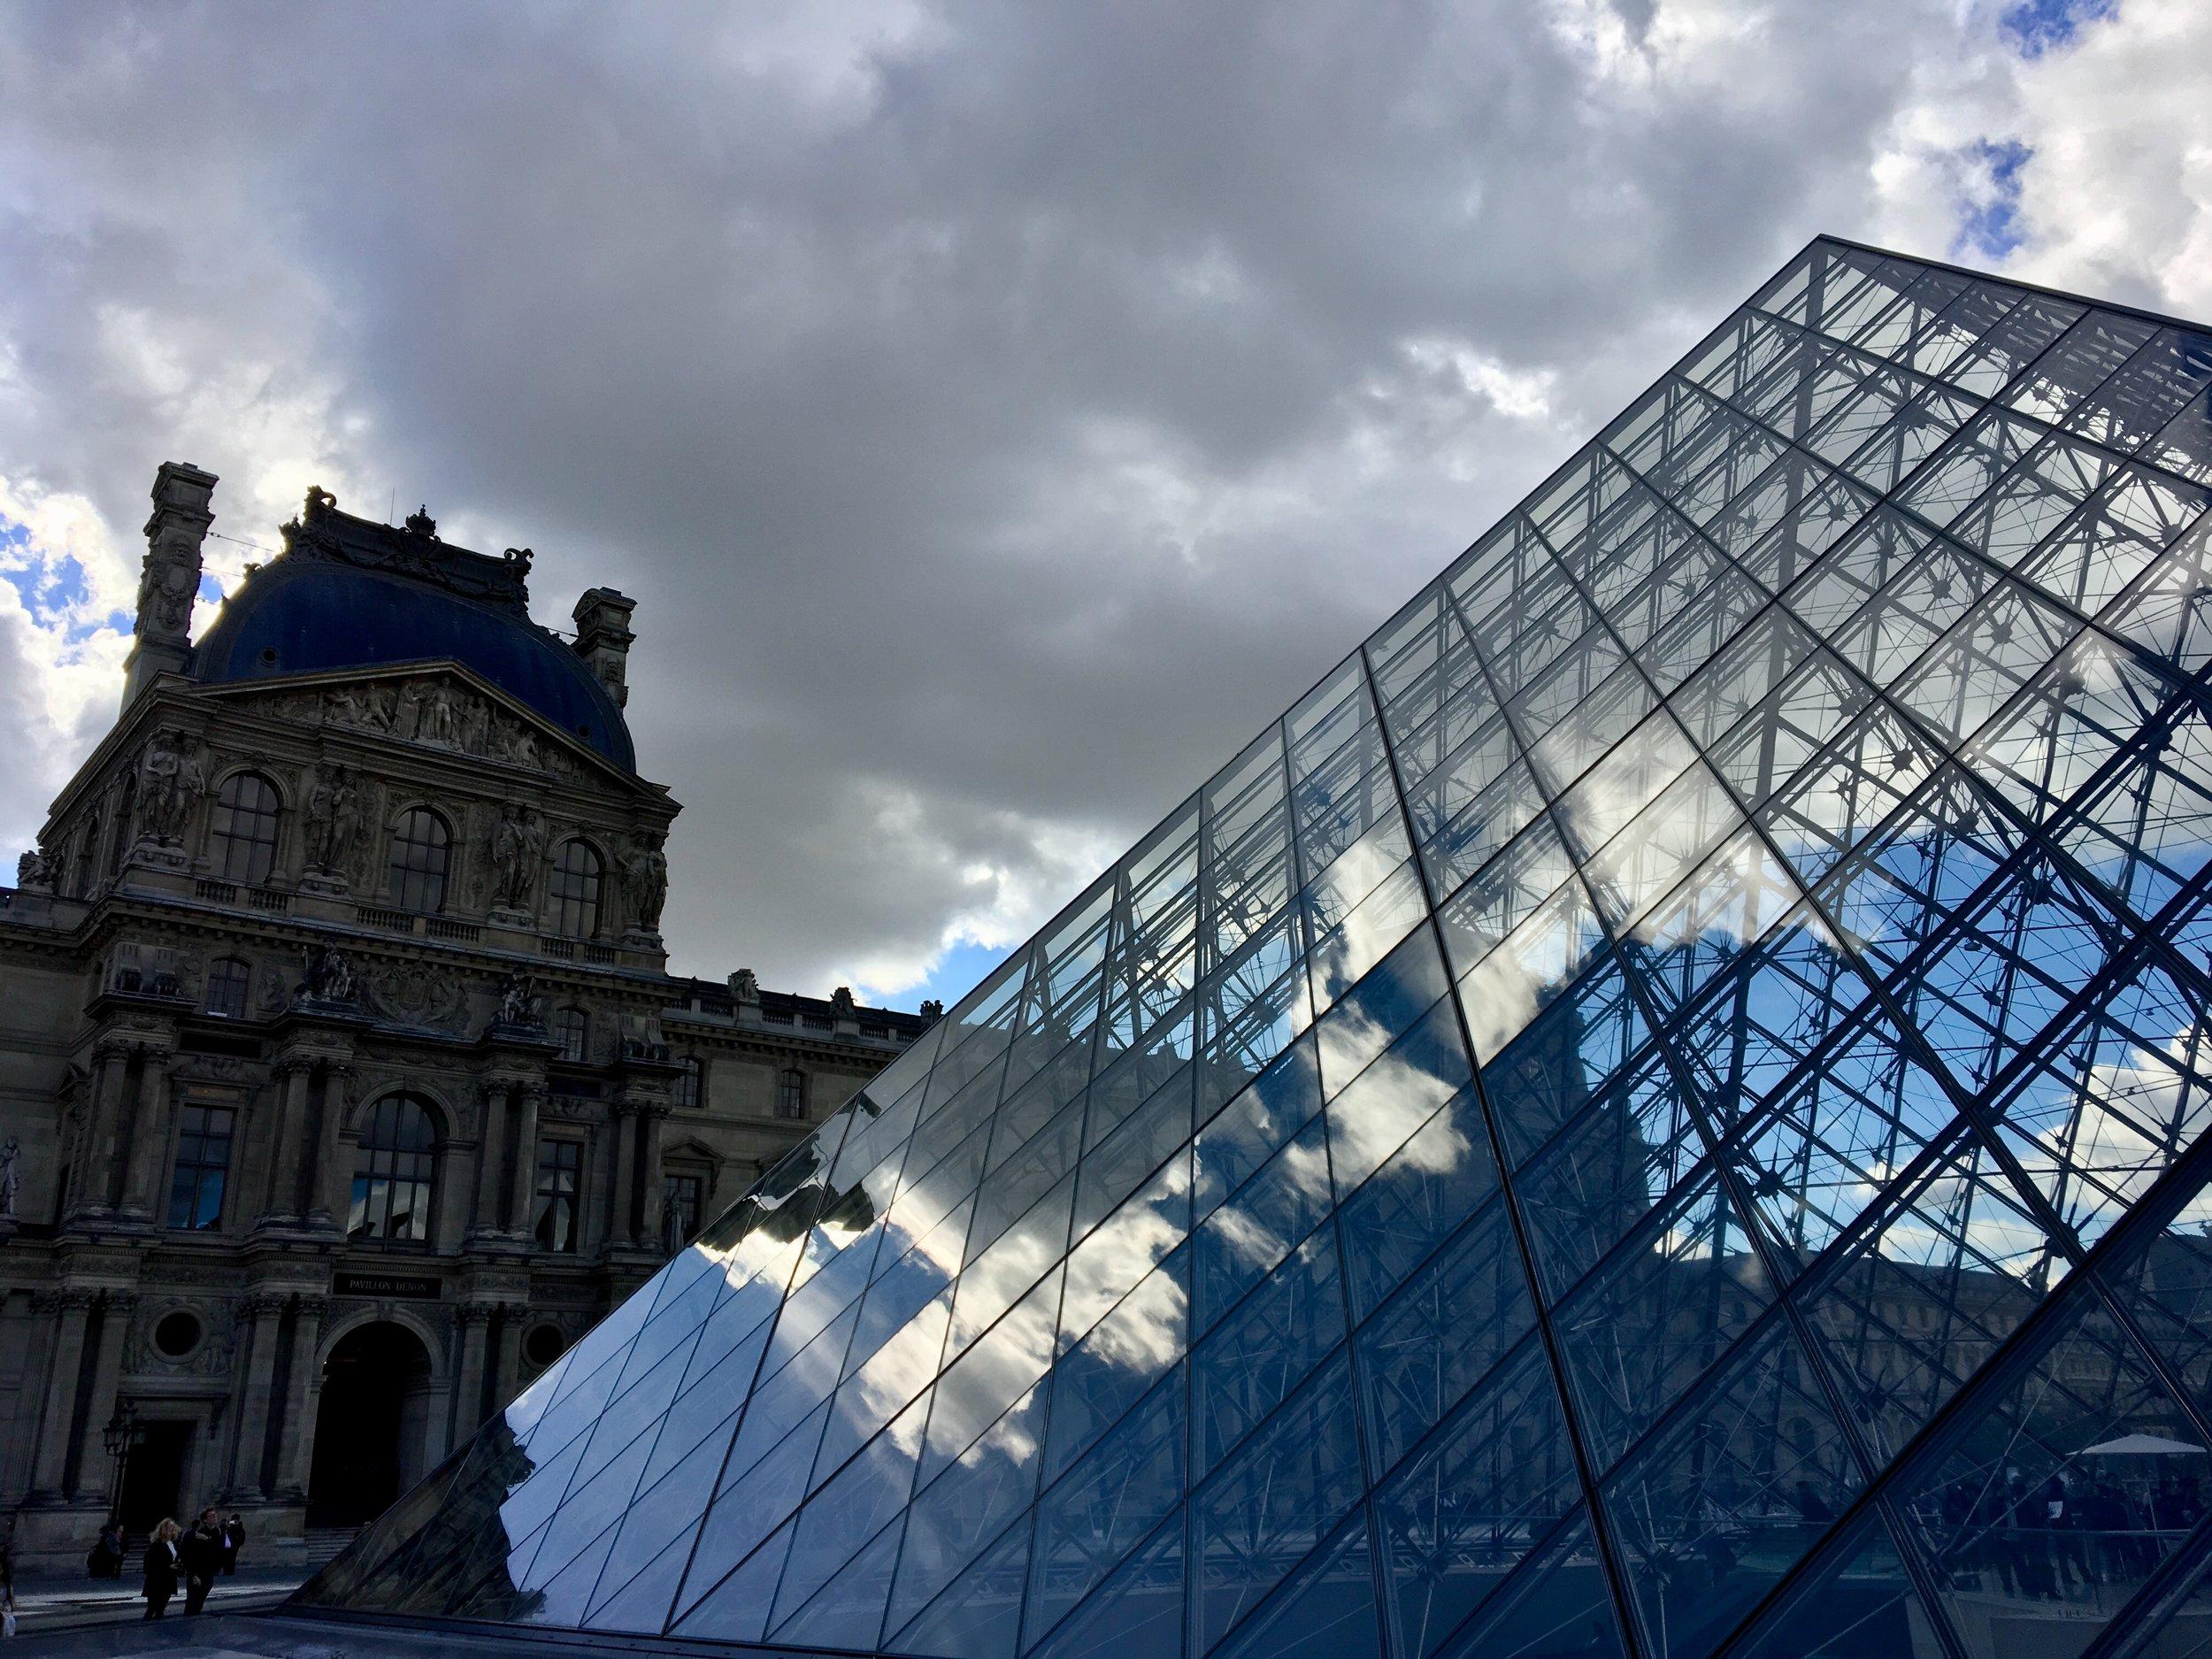 Louvre - Paris, France (2017)